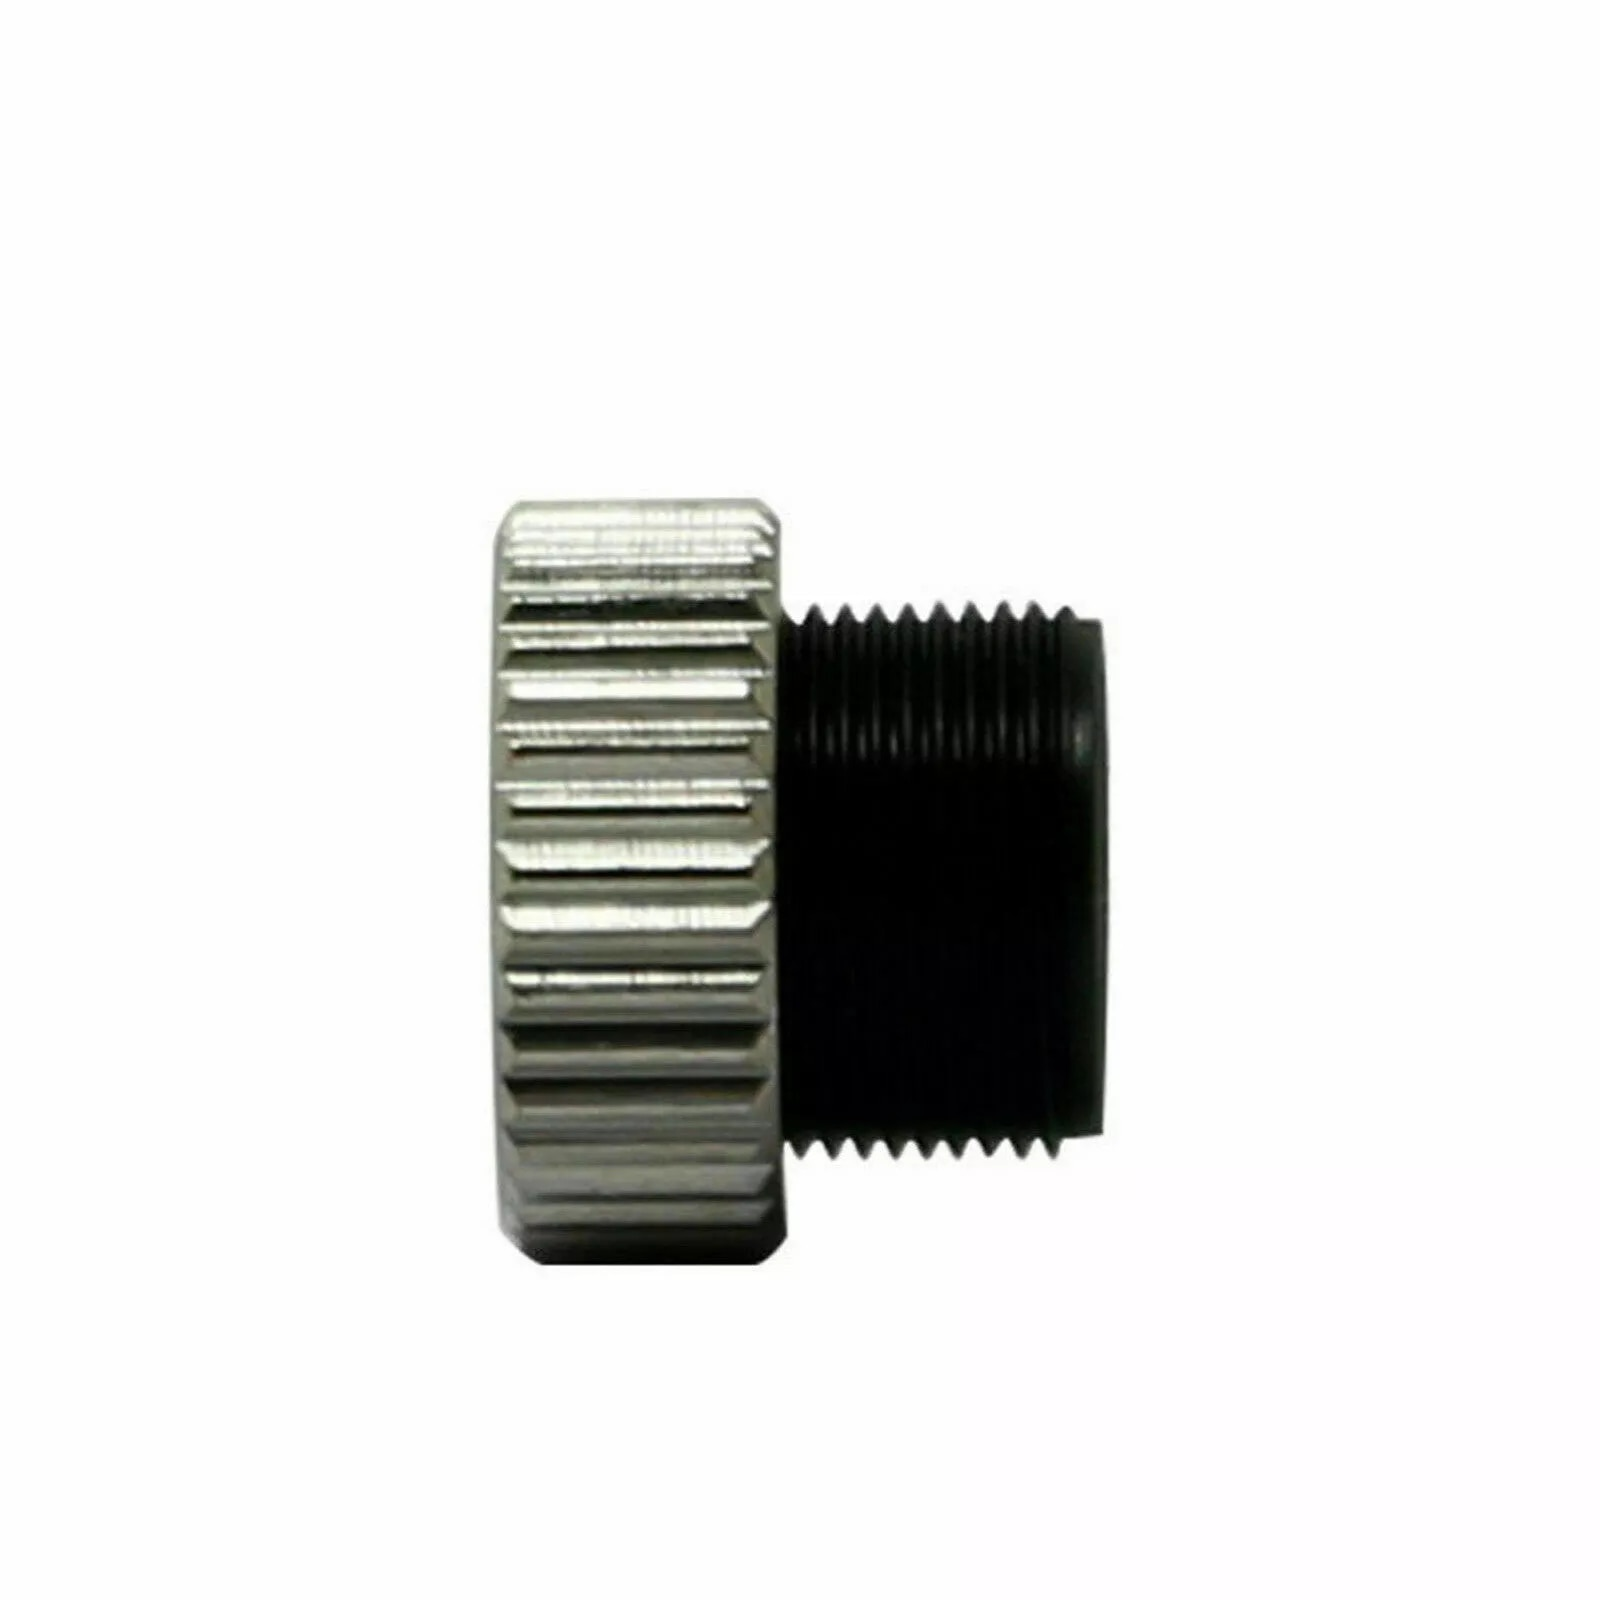 5 шт. 120% C2% B0 линия лазер линзы 200 нм-1100 нм с линзой рамка M9 и металл крышка оптика